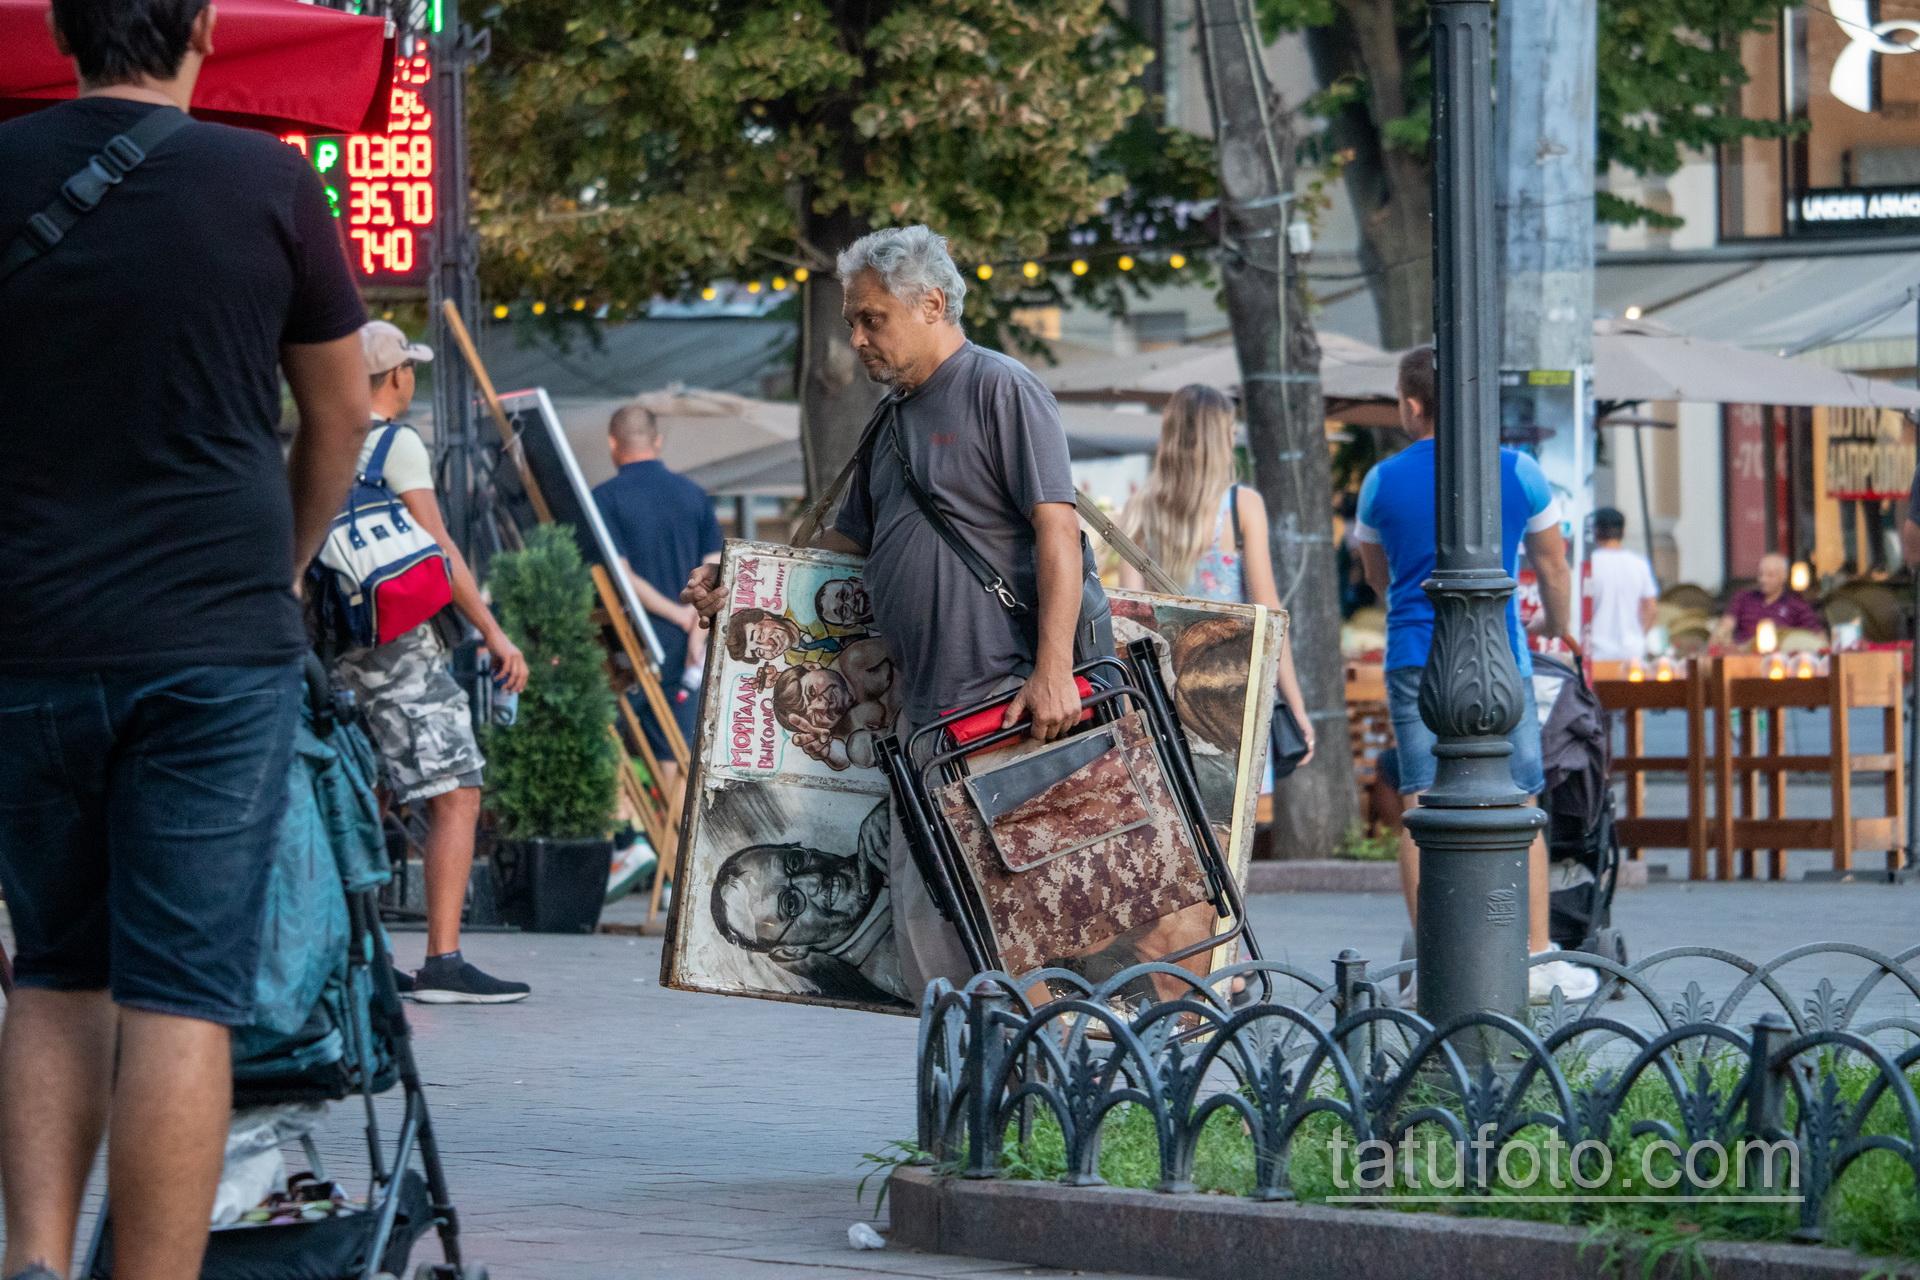 Фото уличного художника который несет картины и стул – Уличная татуировка 14.09.2020 – tatufoto.com 1